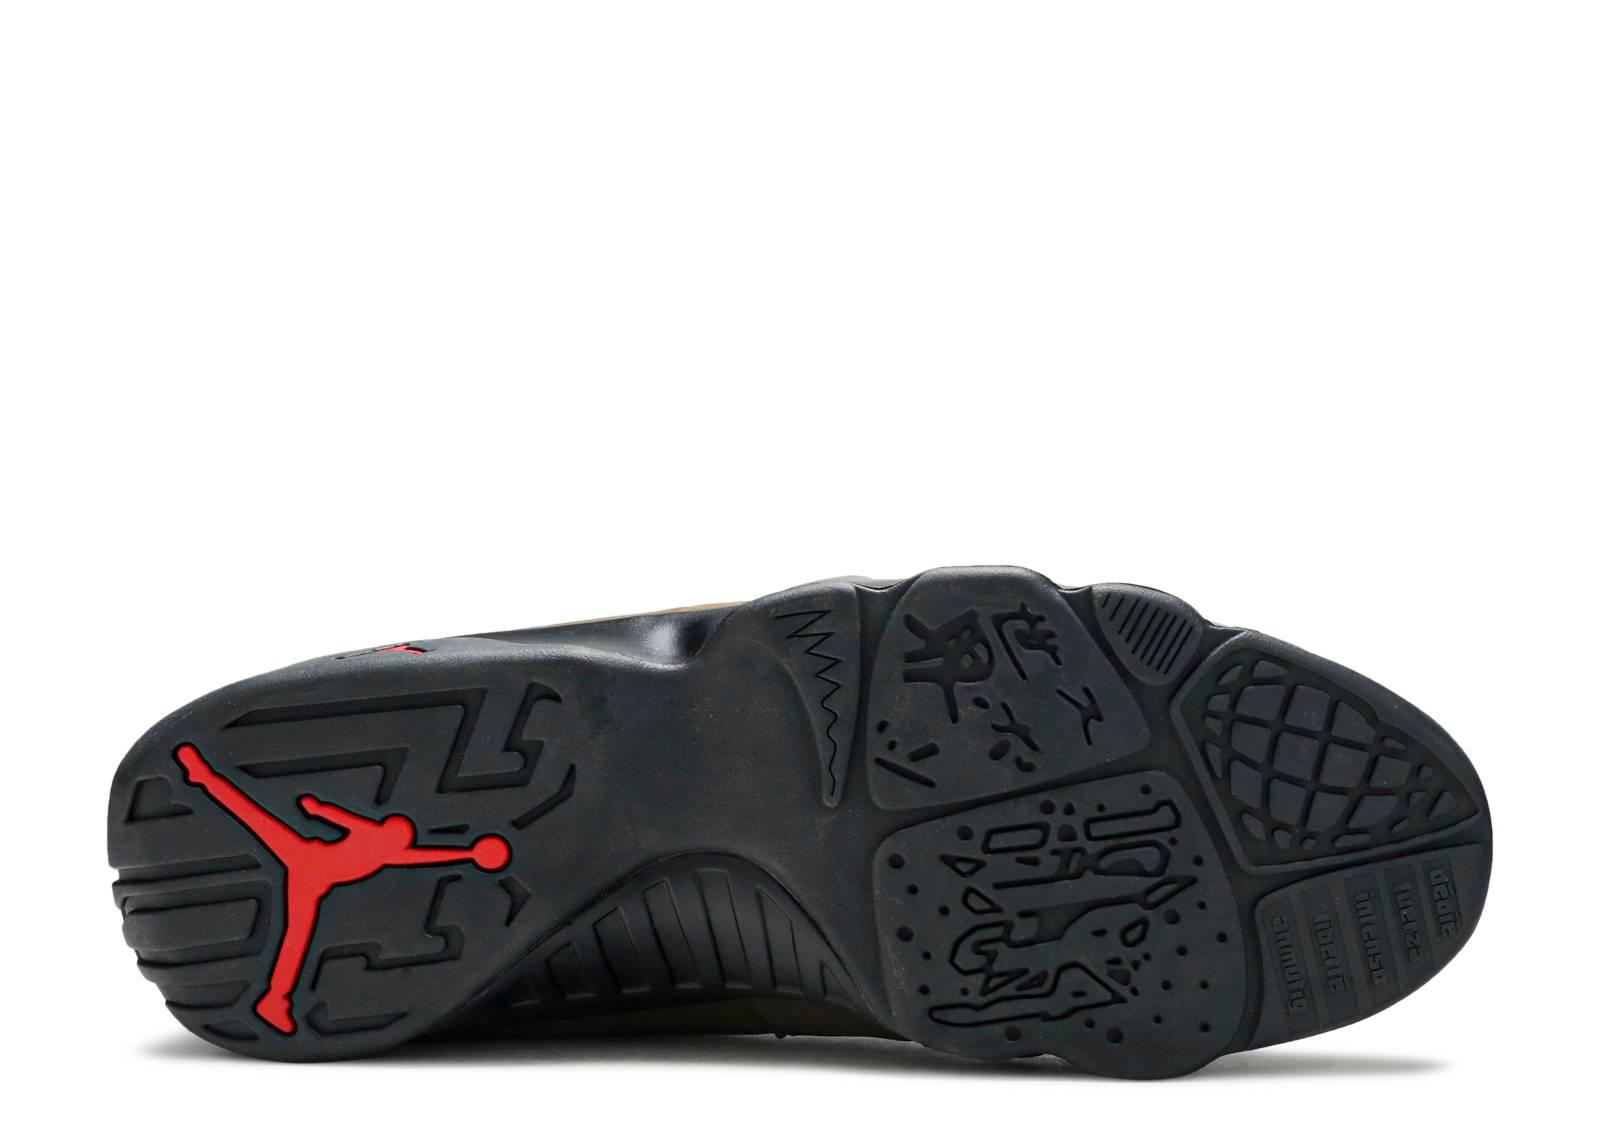 new arrival e25b1 e4bfb Air Jordan 9 Retro